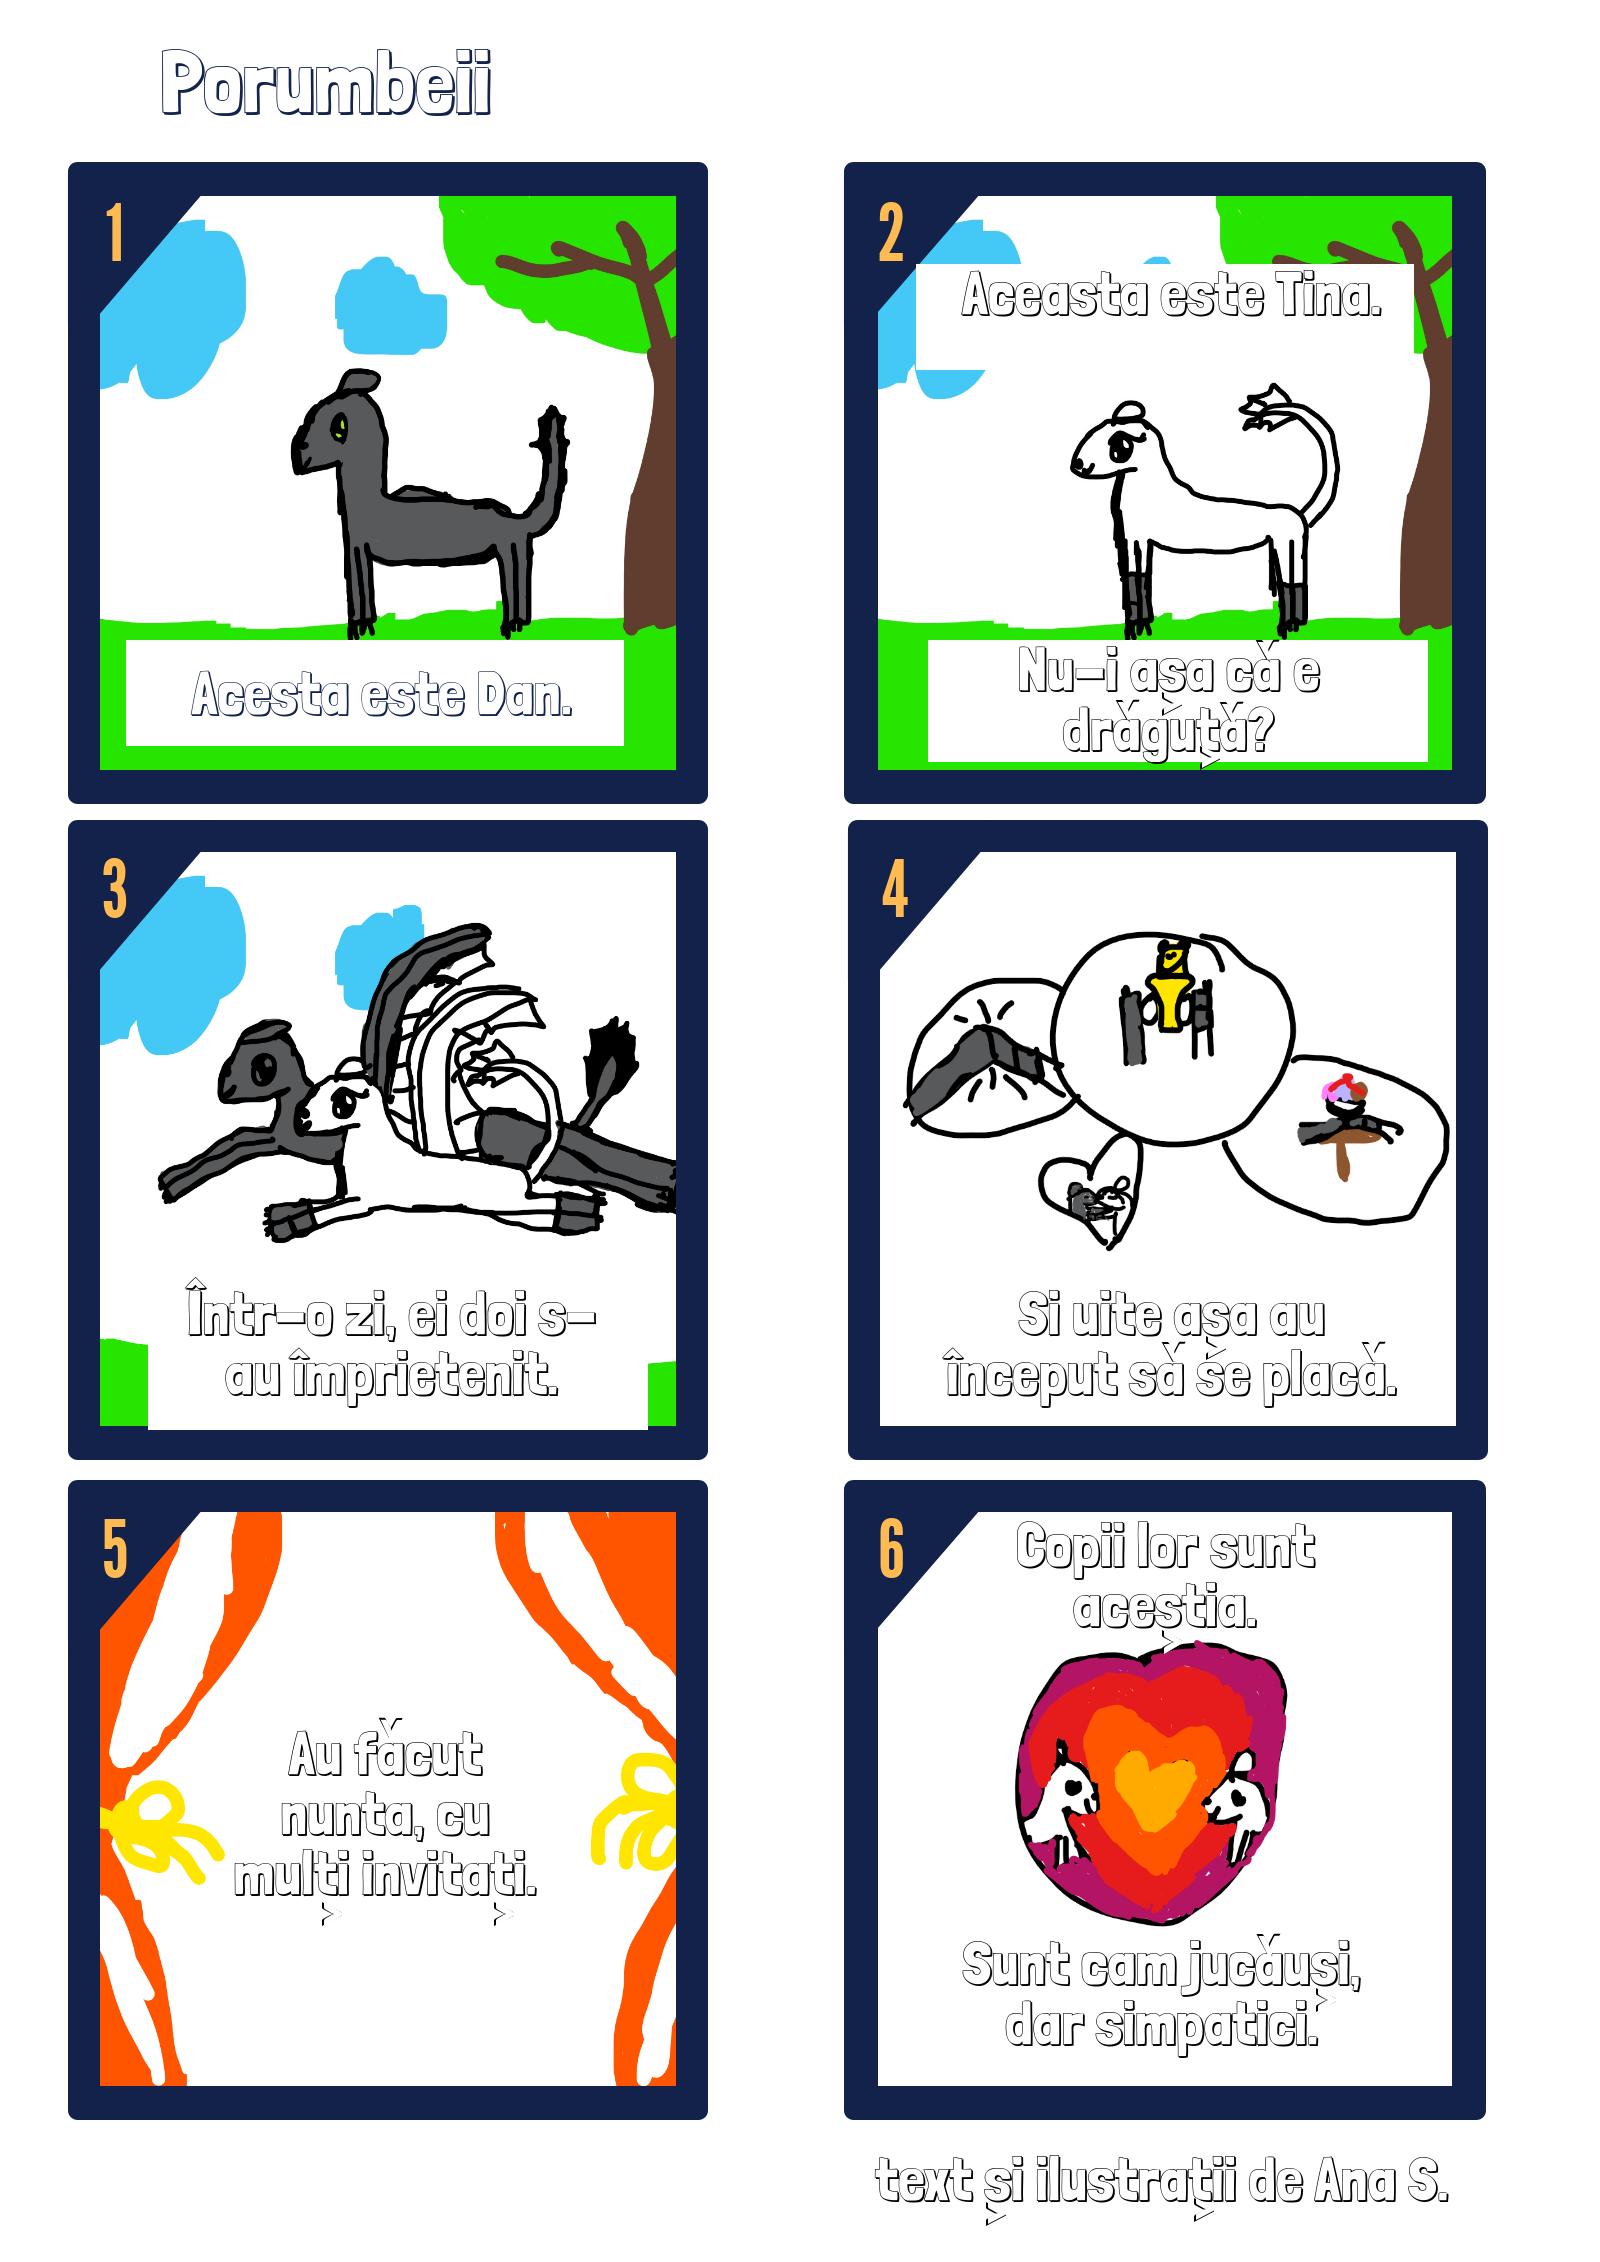 porumbeii - scrie povestea